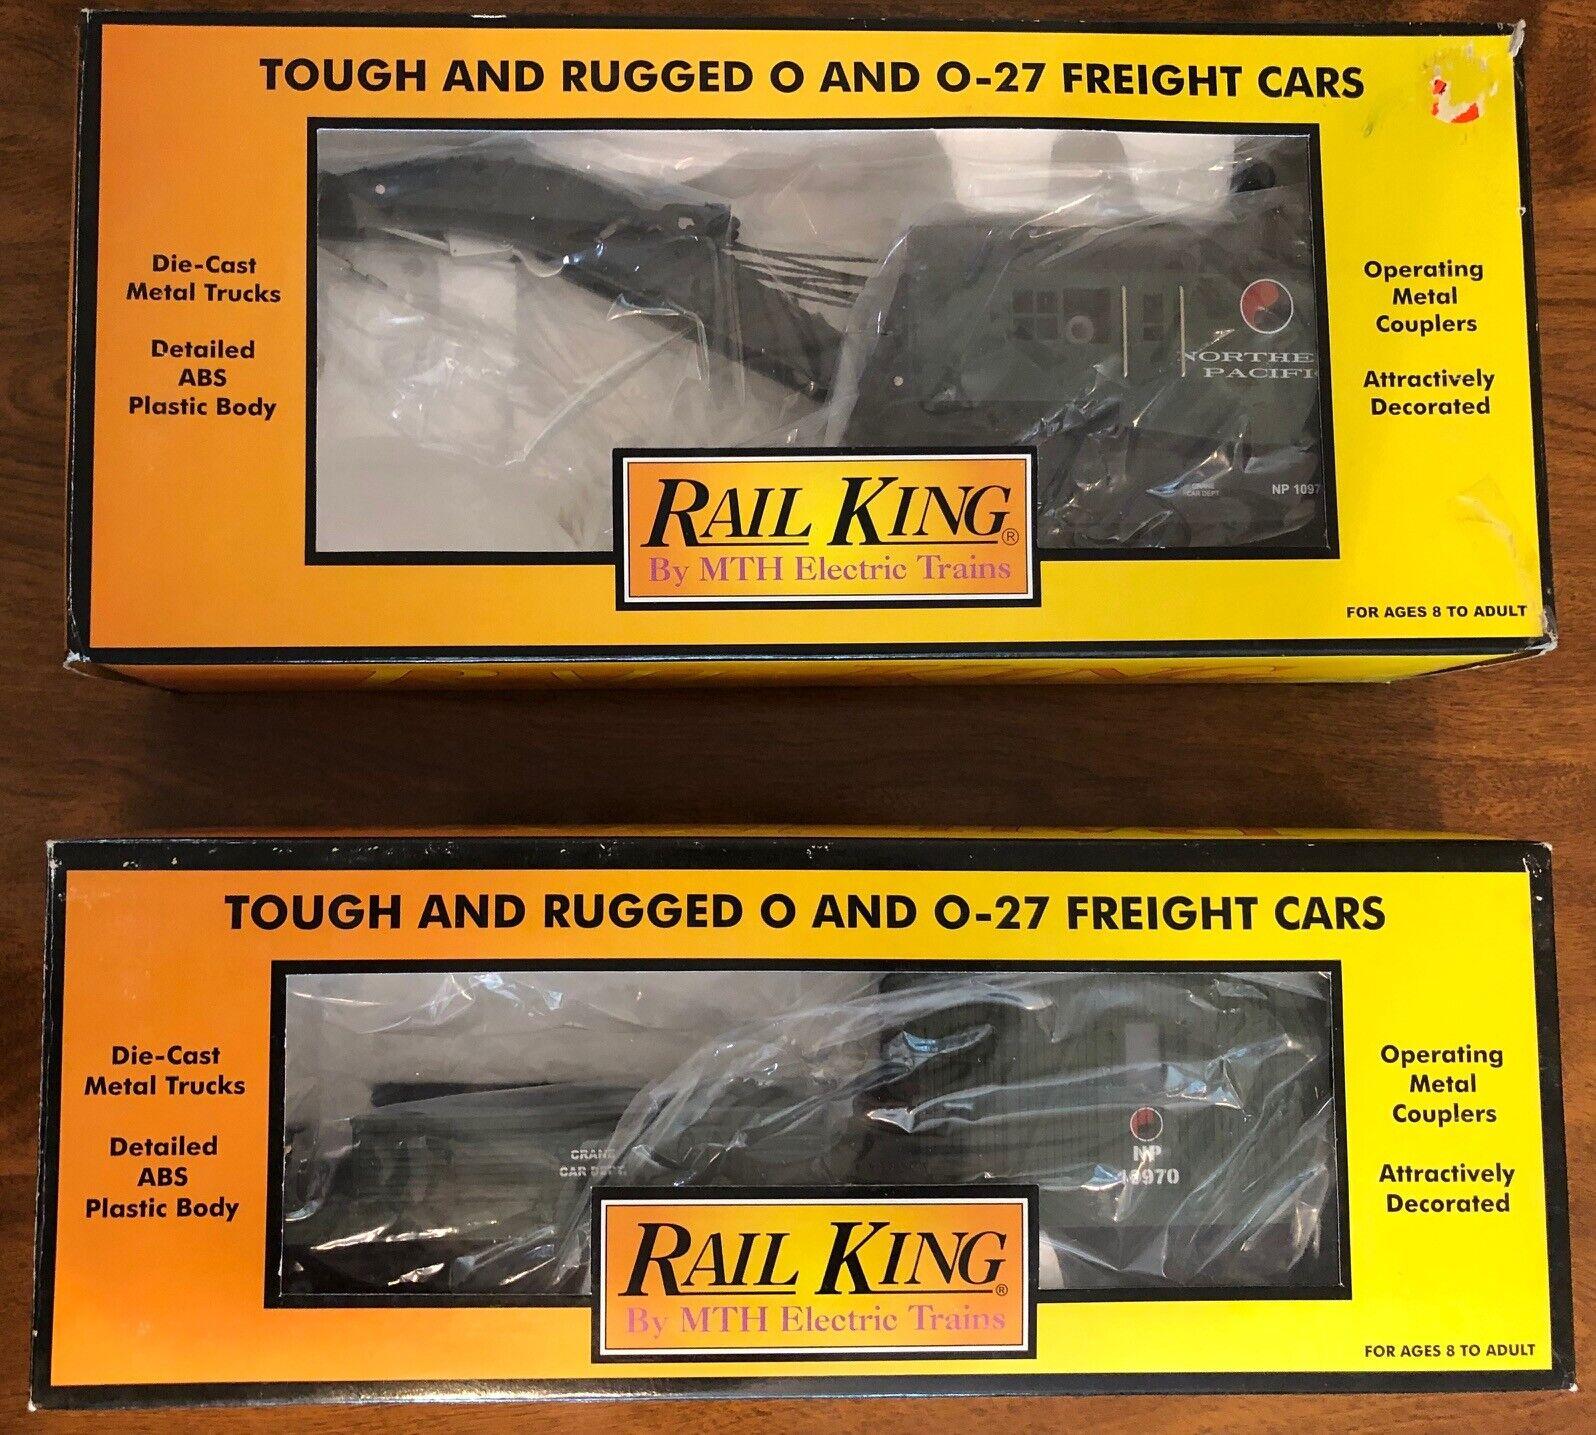 Grúa de funcionamiento RAIL KING Pacífico Norte coche y tierno Coche-Dos Box Set